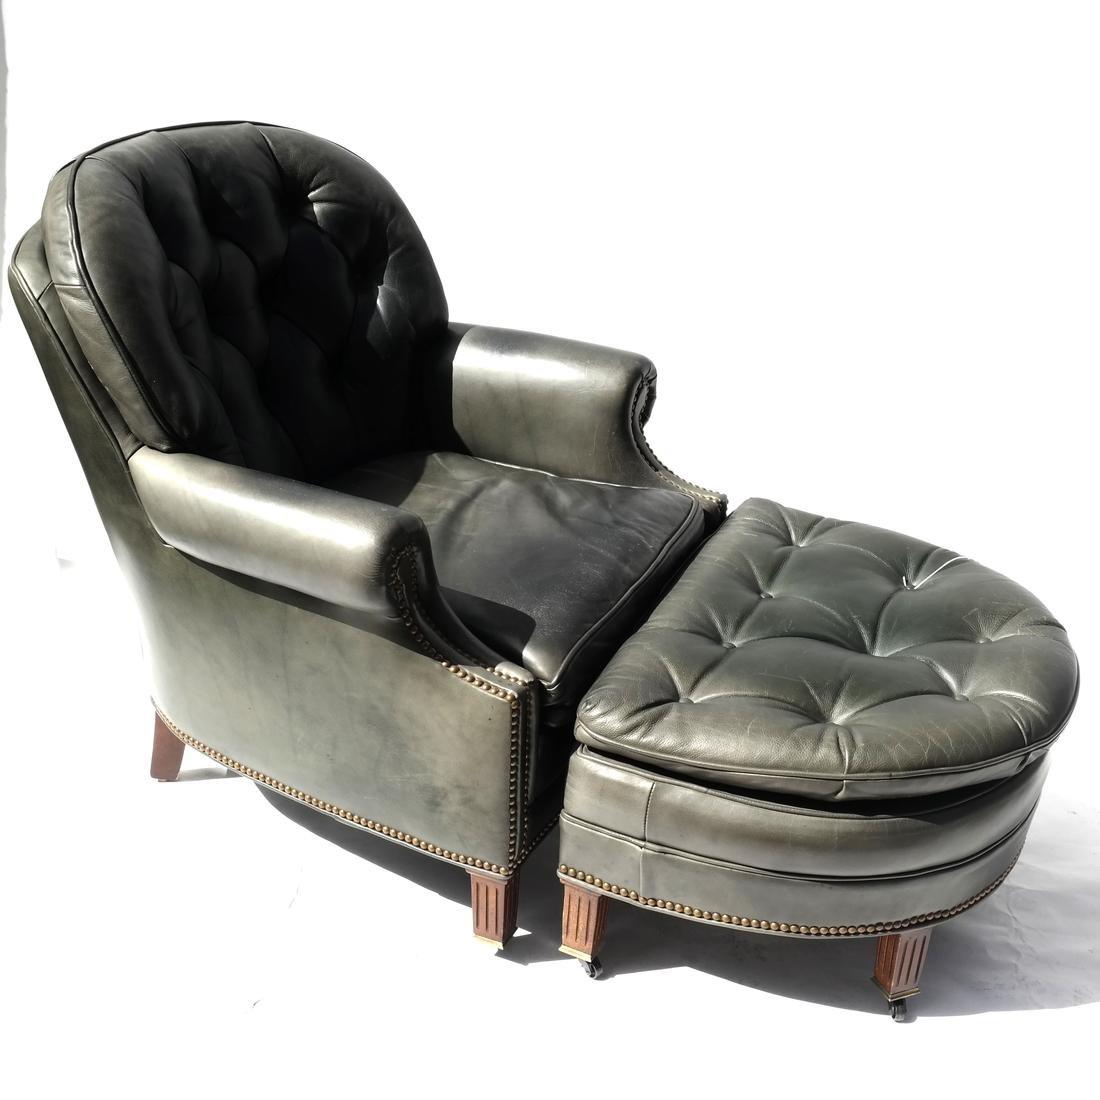 Edwardian-Style Armchair and Ottoman